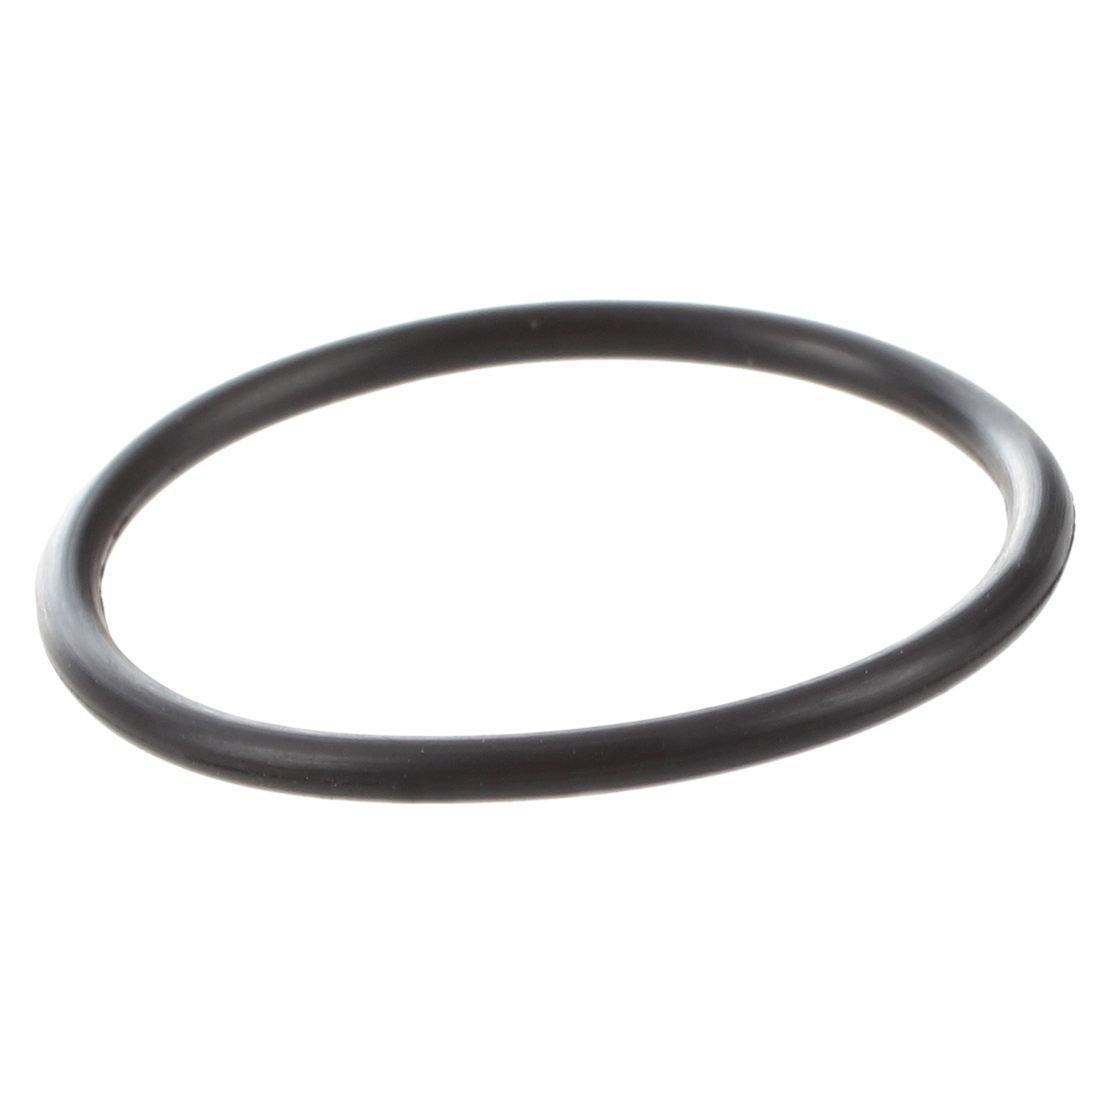 RETYLY 10 Piezas 32 mm x 2 mm Junta Torica Arandela de Sello de caucho flexible industrial